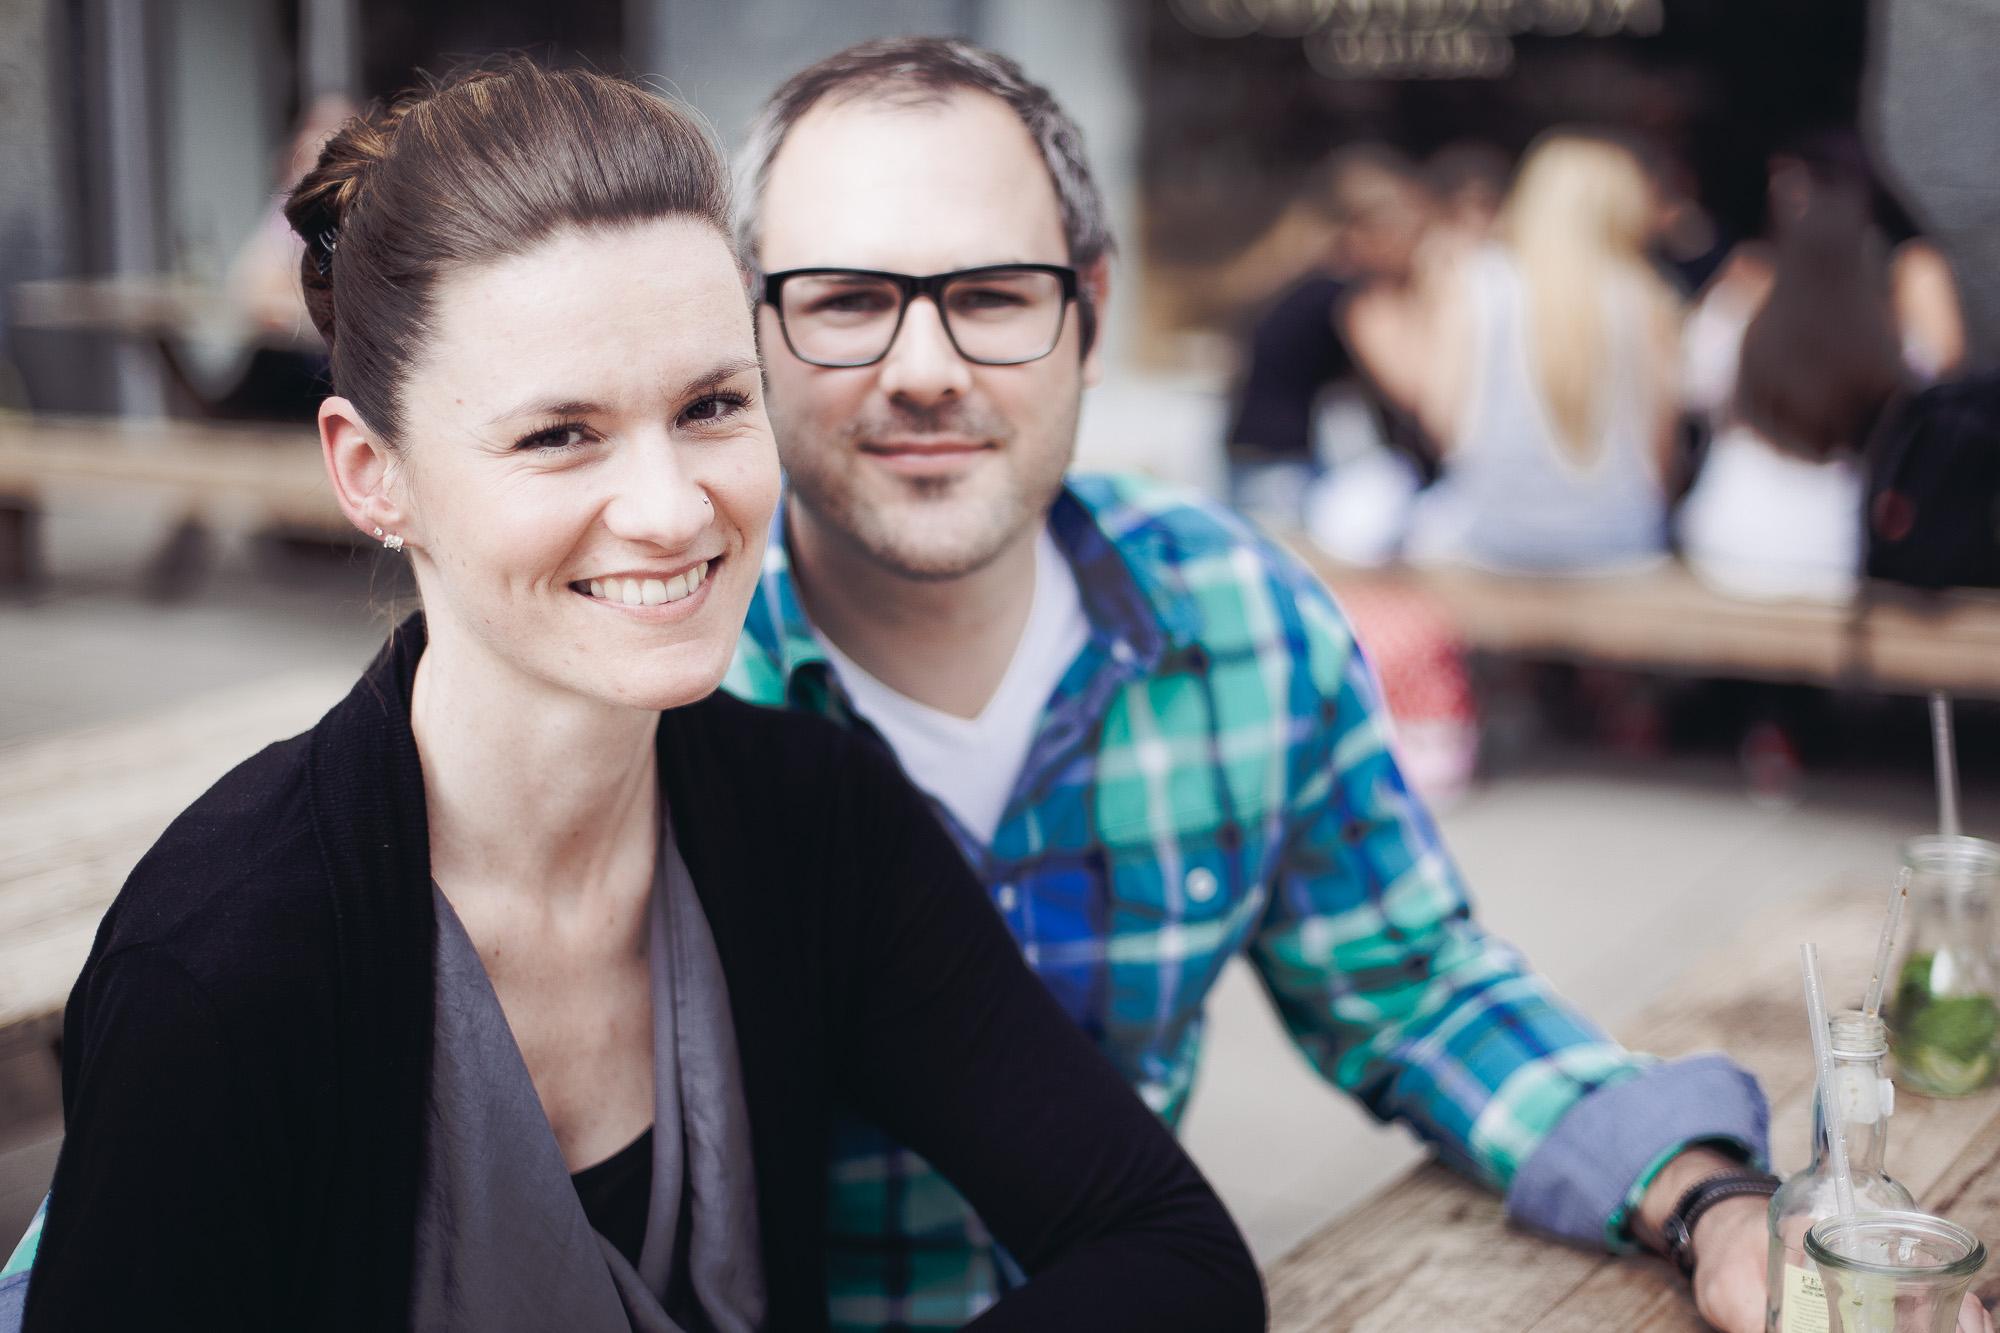 Daniela-und-Dominic-Foto-Avec-Amis-13